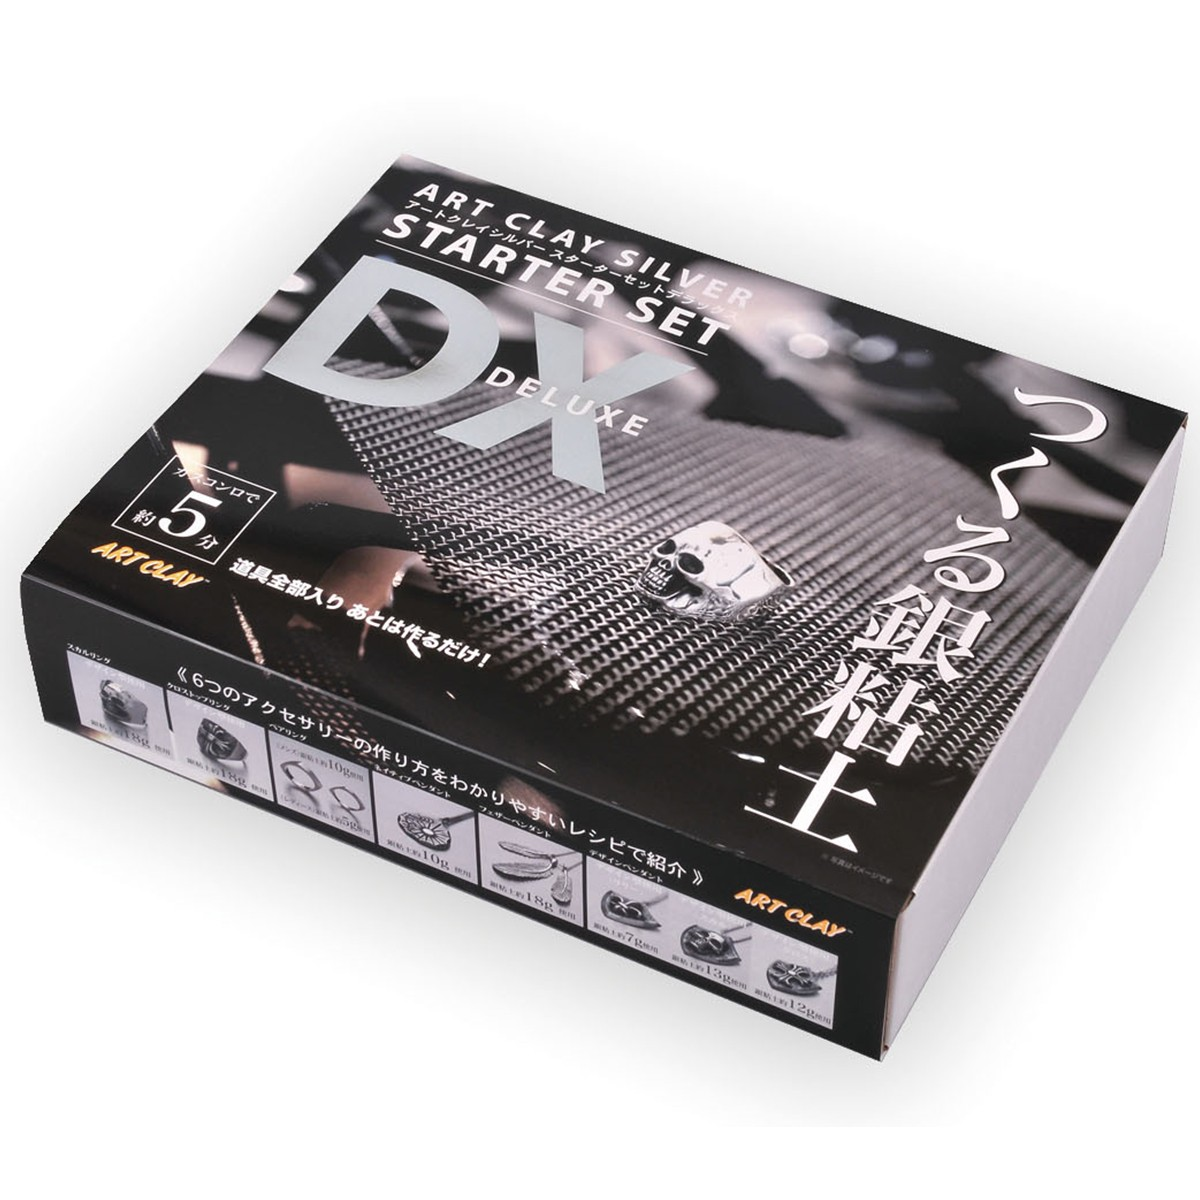 アートクレイシルバー スターターキット DX 【 金属 工芸 銀粘土 アートクレイシルバー 】